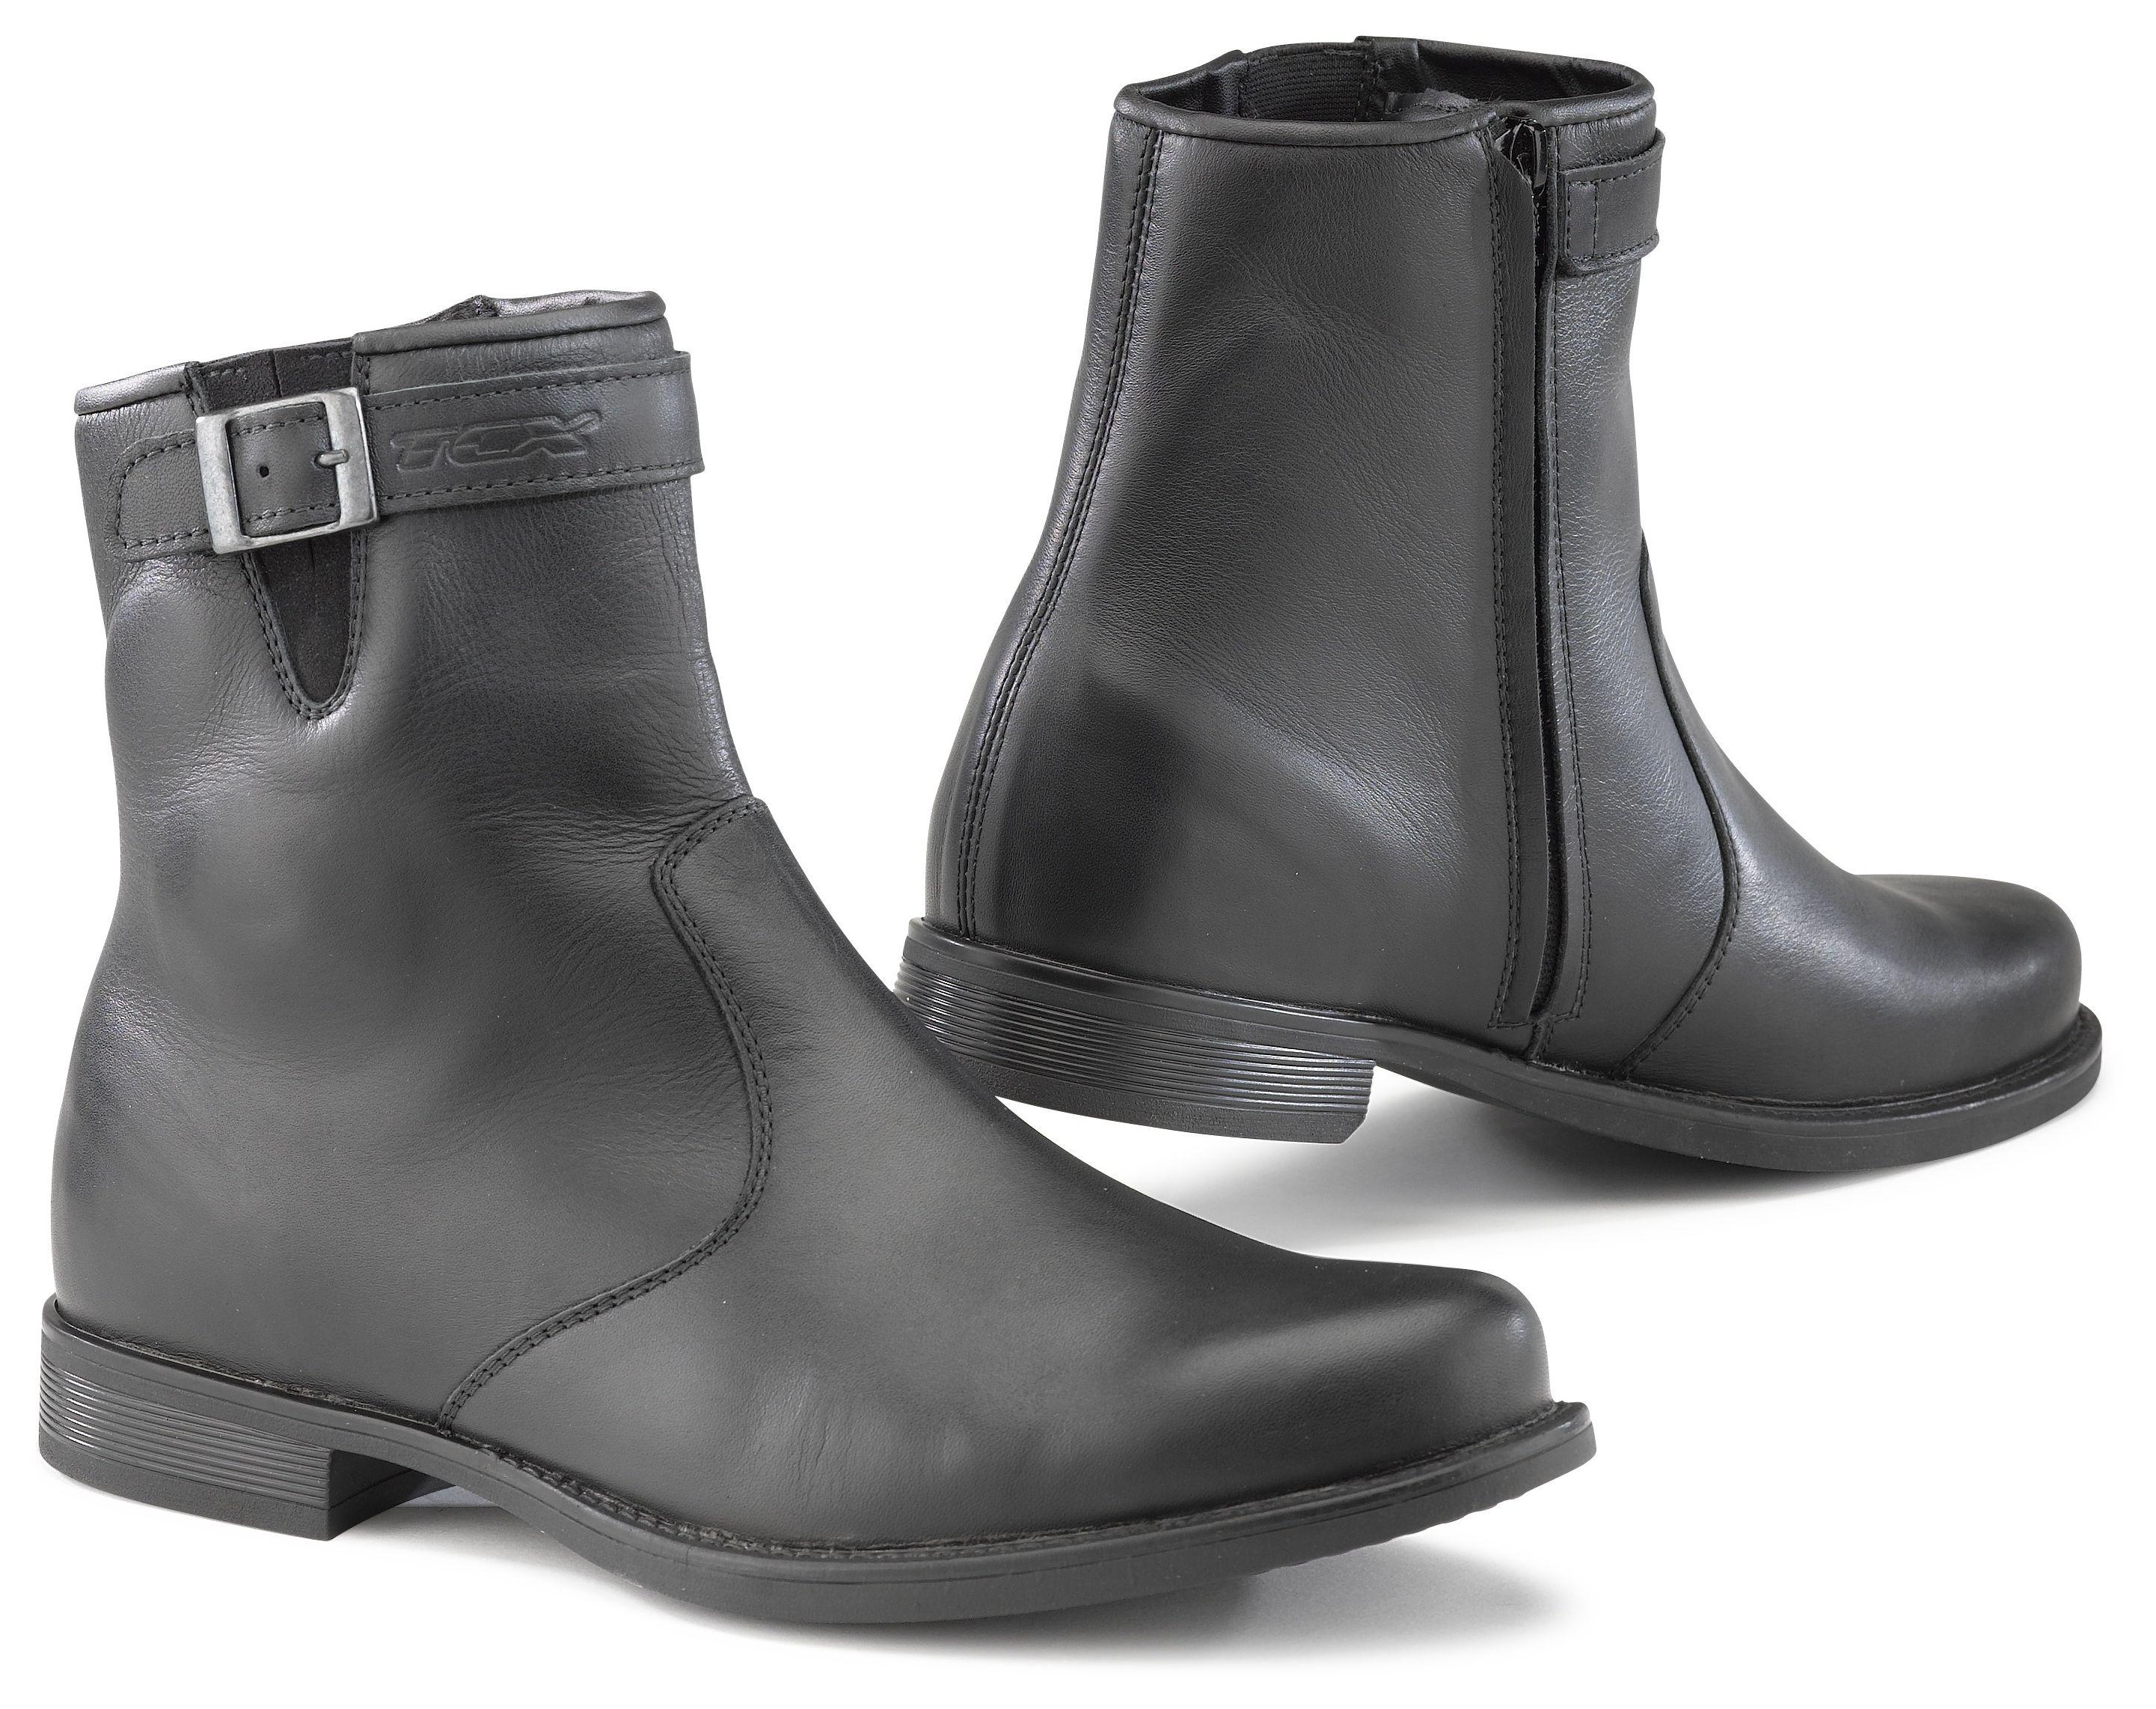 tcx x-avenue waterproof boots - revzilla AMXUFAL